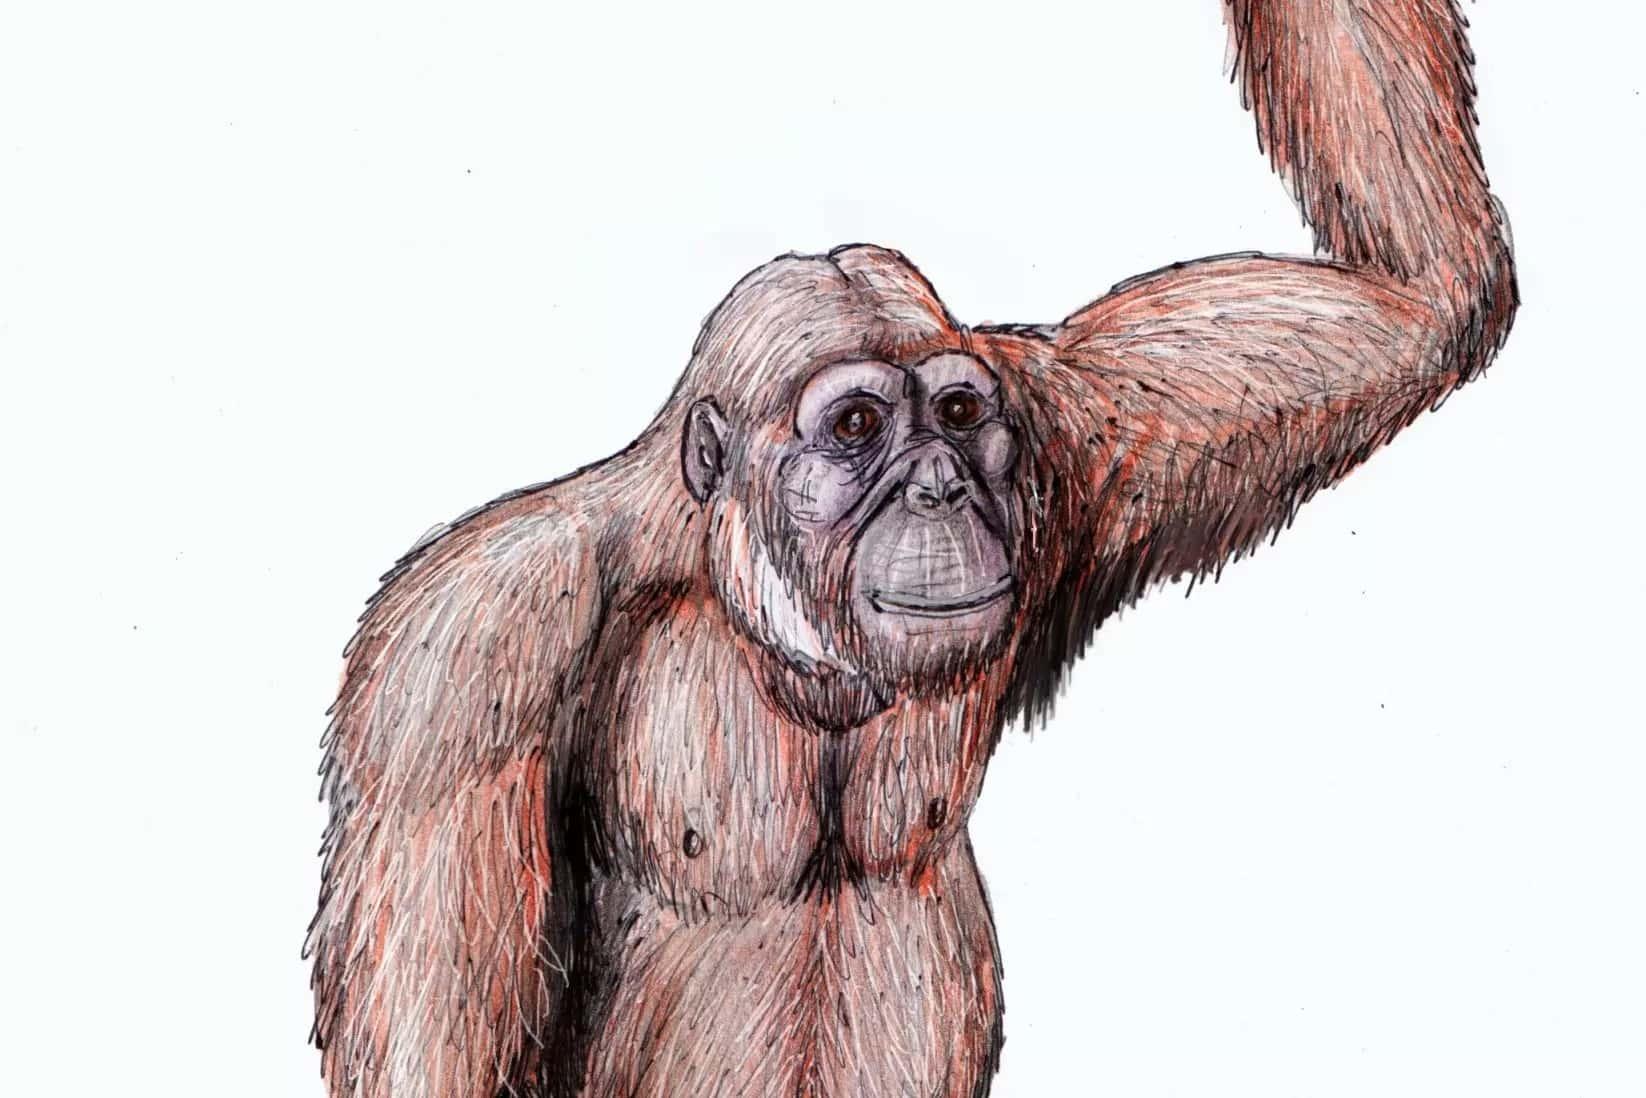 Os Humanos Vem De Macacos